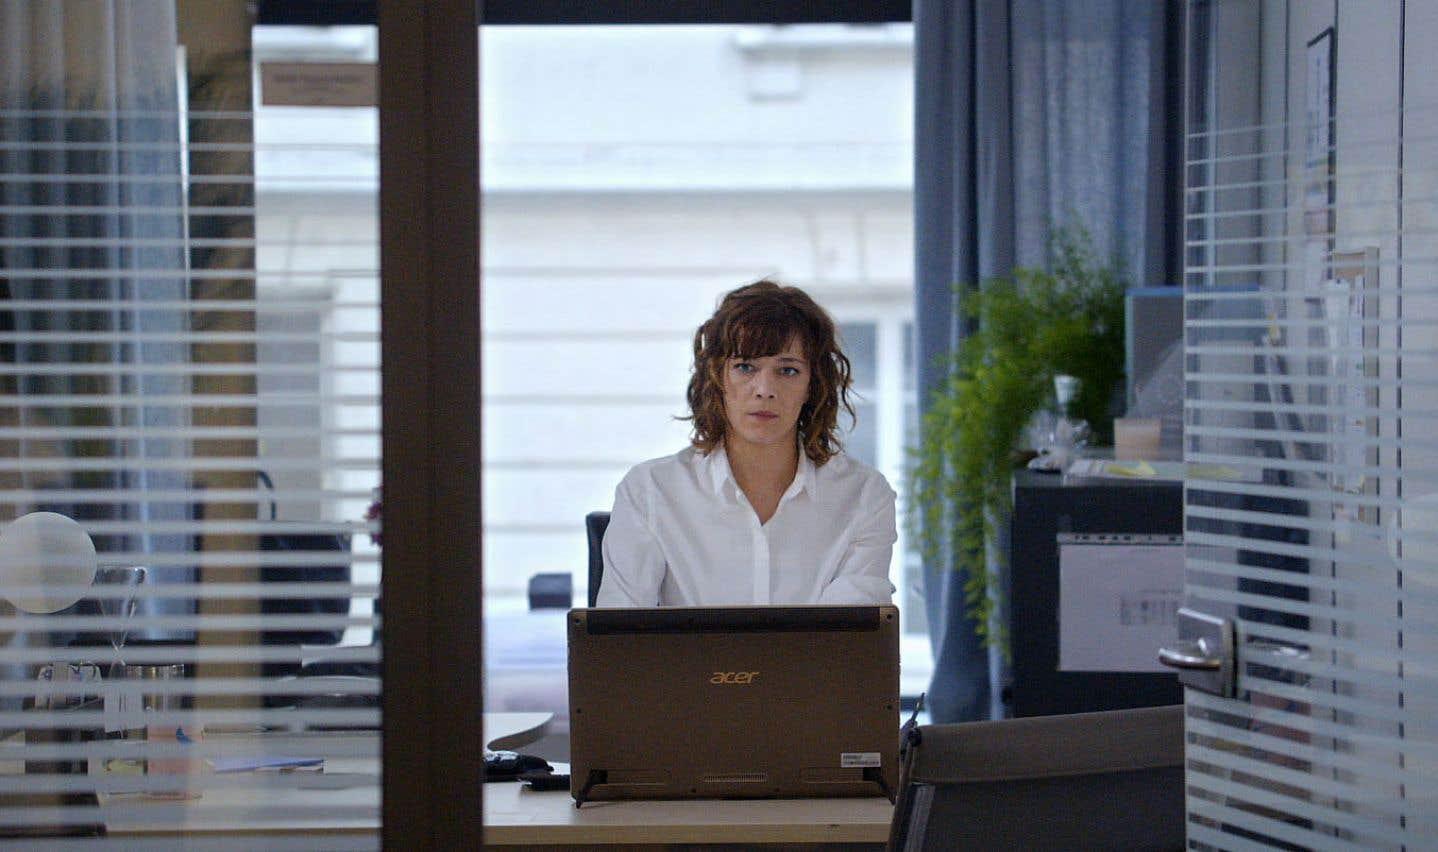 Émilie (excellente Céline Sallette) marque en cadre des ressources humaines.